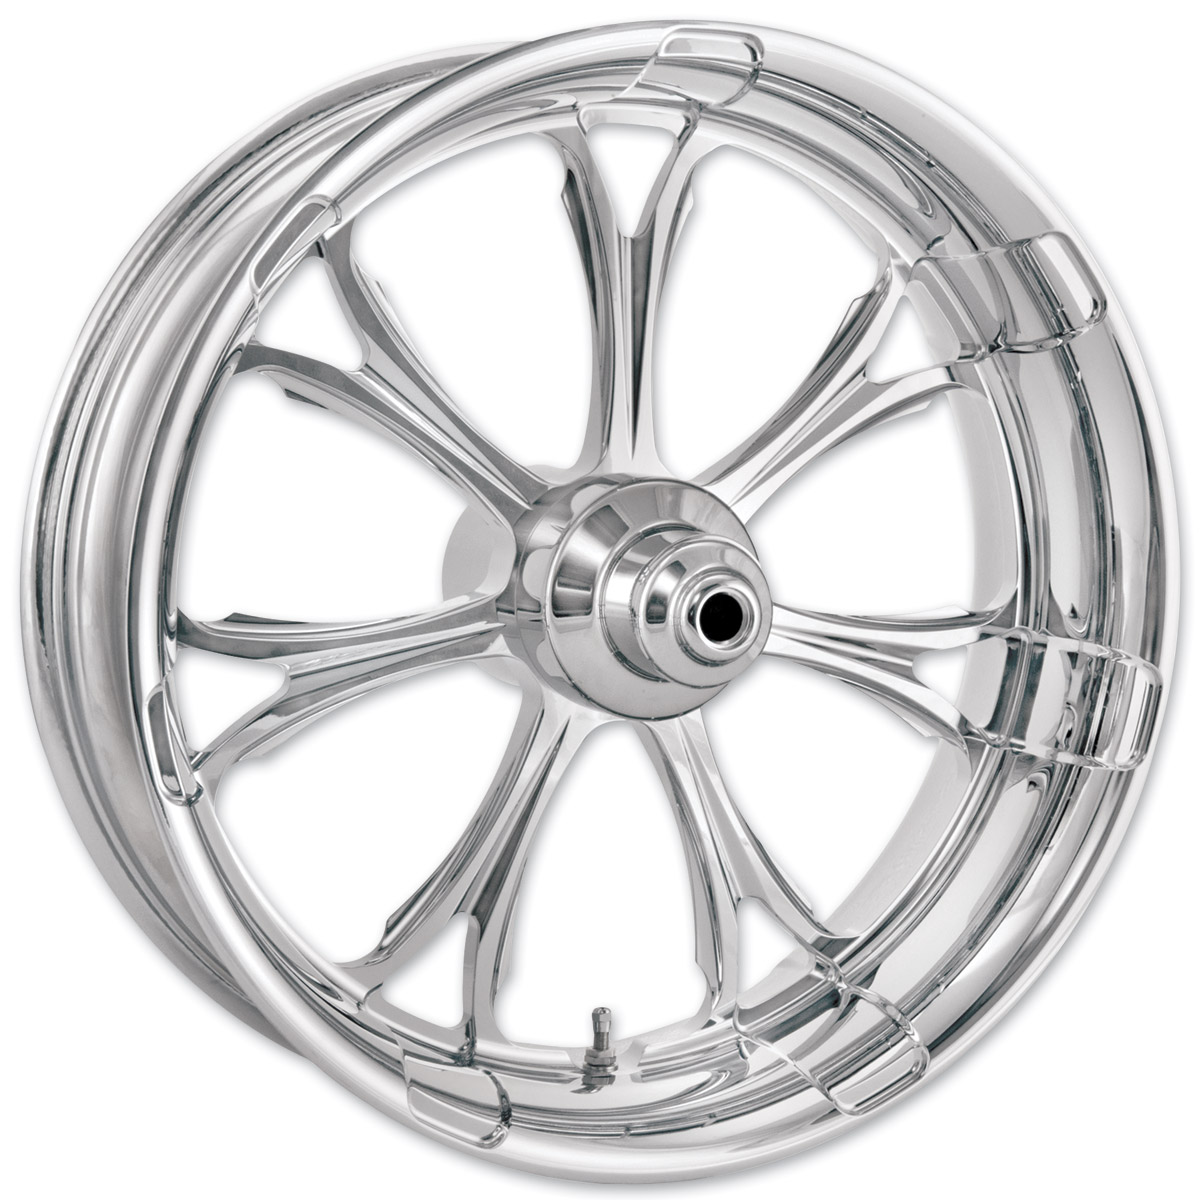 Performance Machine Paramount Chrome Non-ABS Front Wheel, 23″ x 3.5″